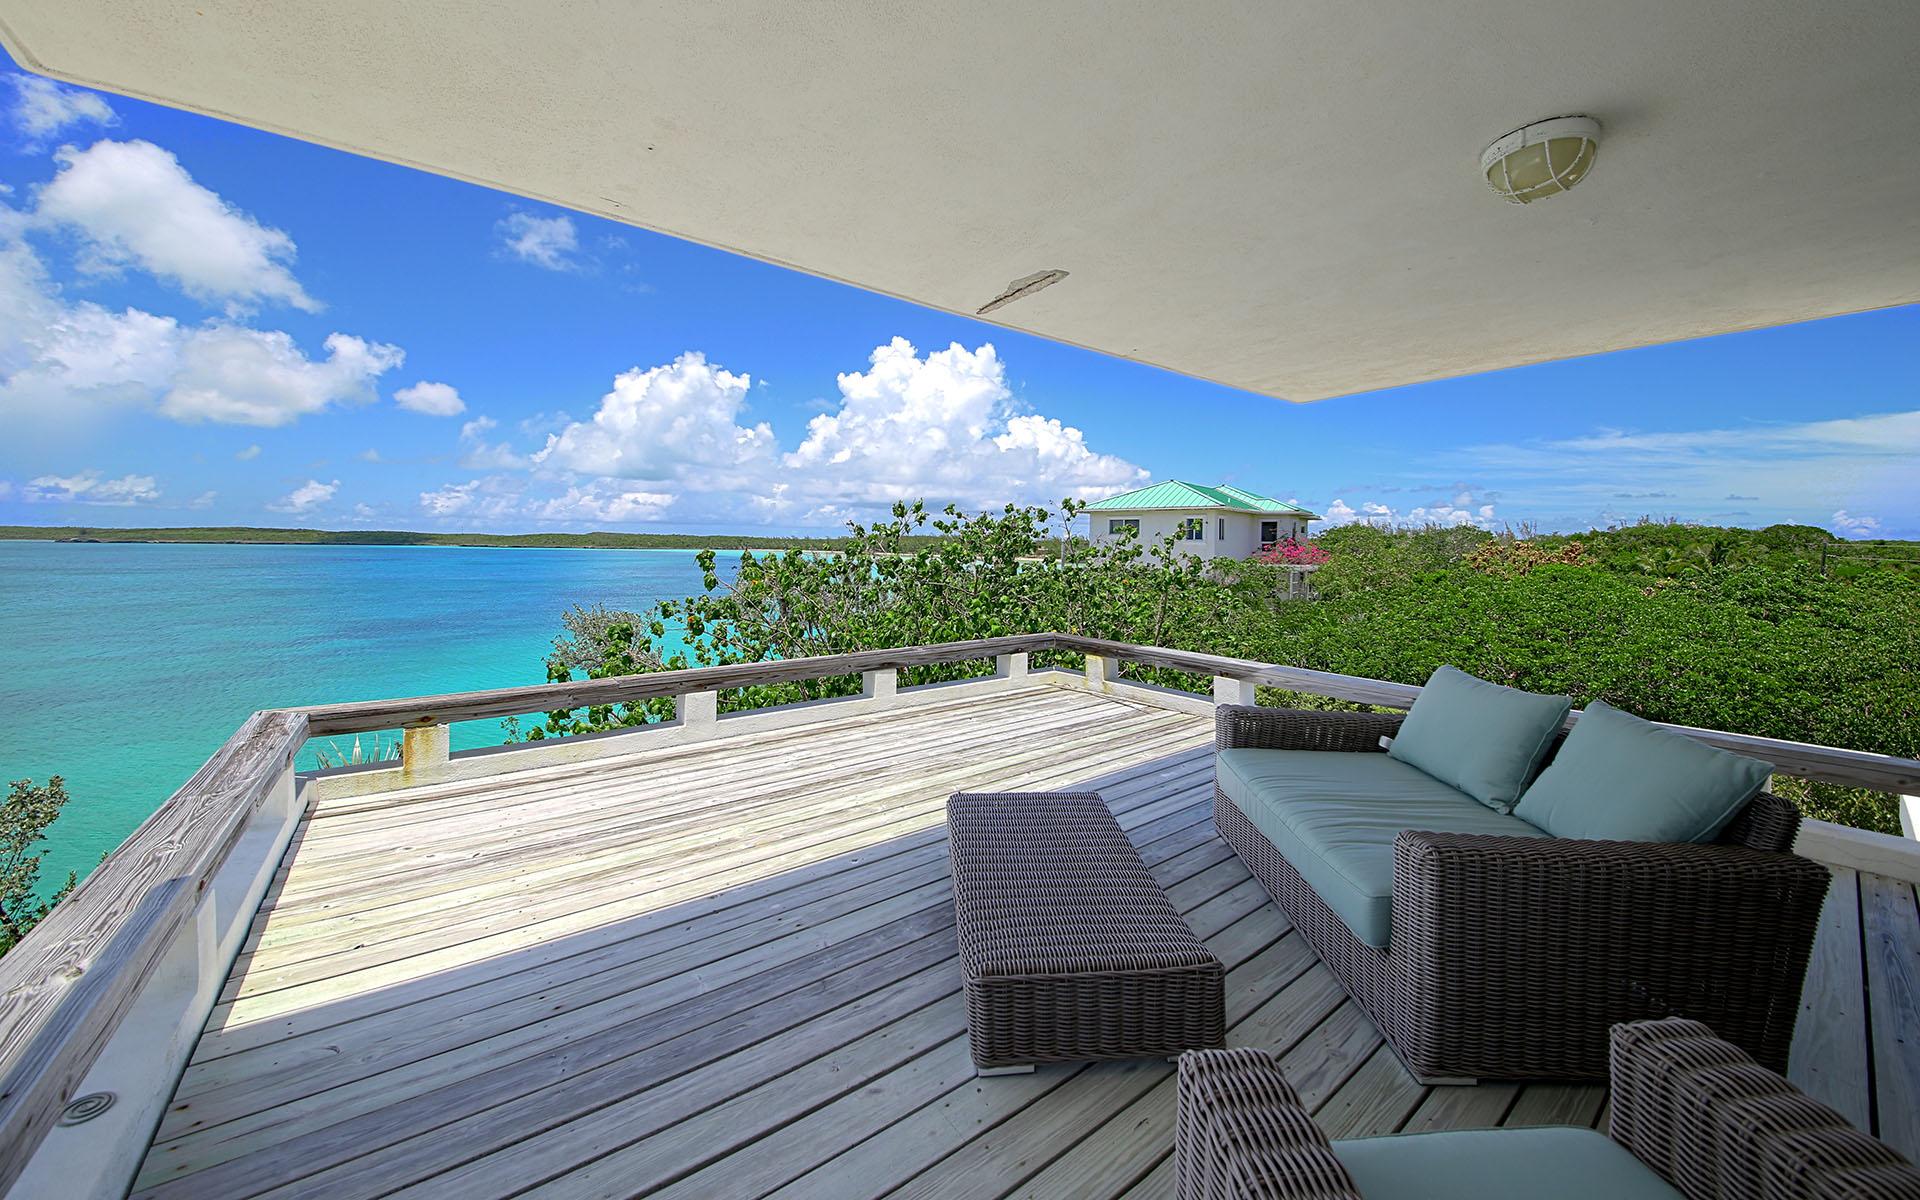 Single Family Home for Sale at Ten Bay Paradise Eleuthera, Bahamas